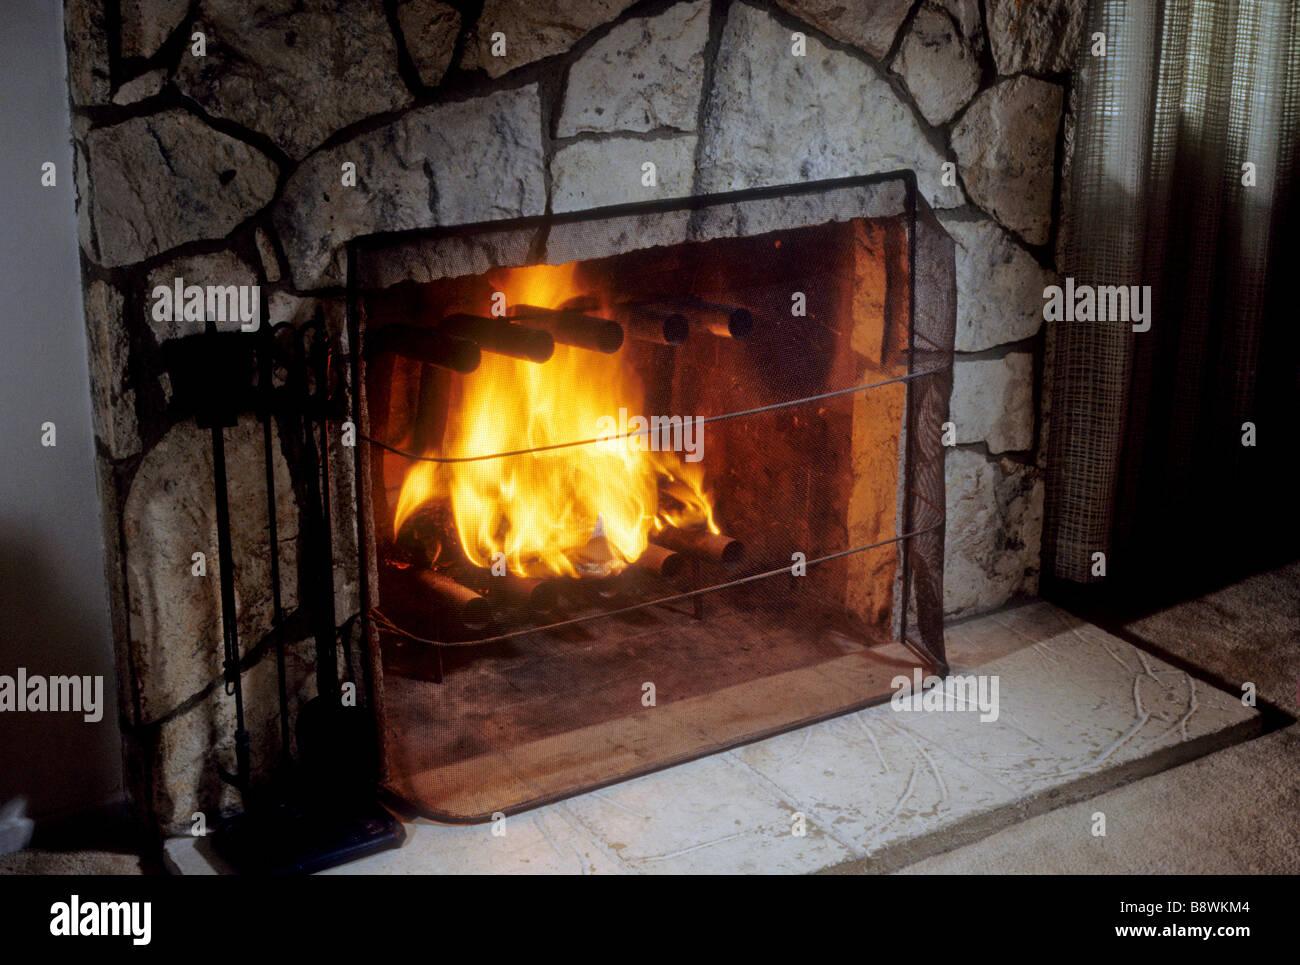 brüllen holz brennen kamin feuerstelle bildschirm sicheren